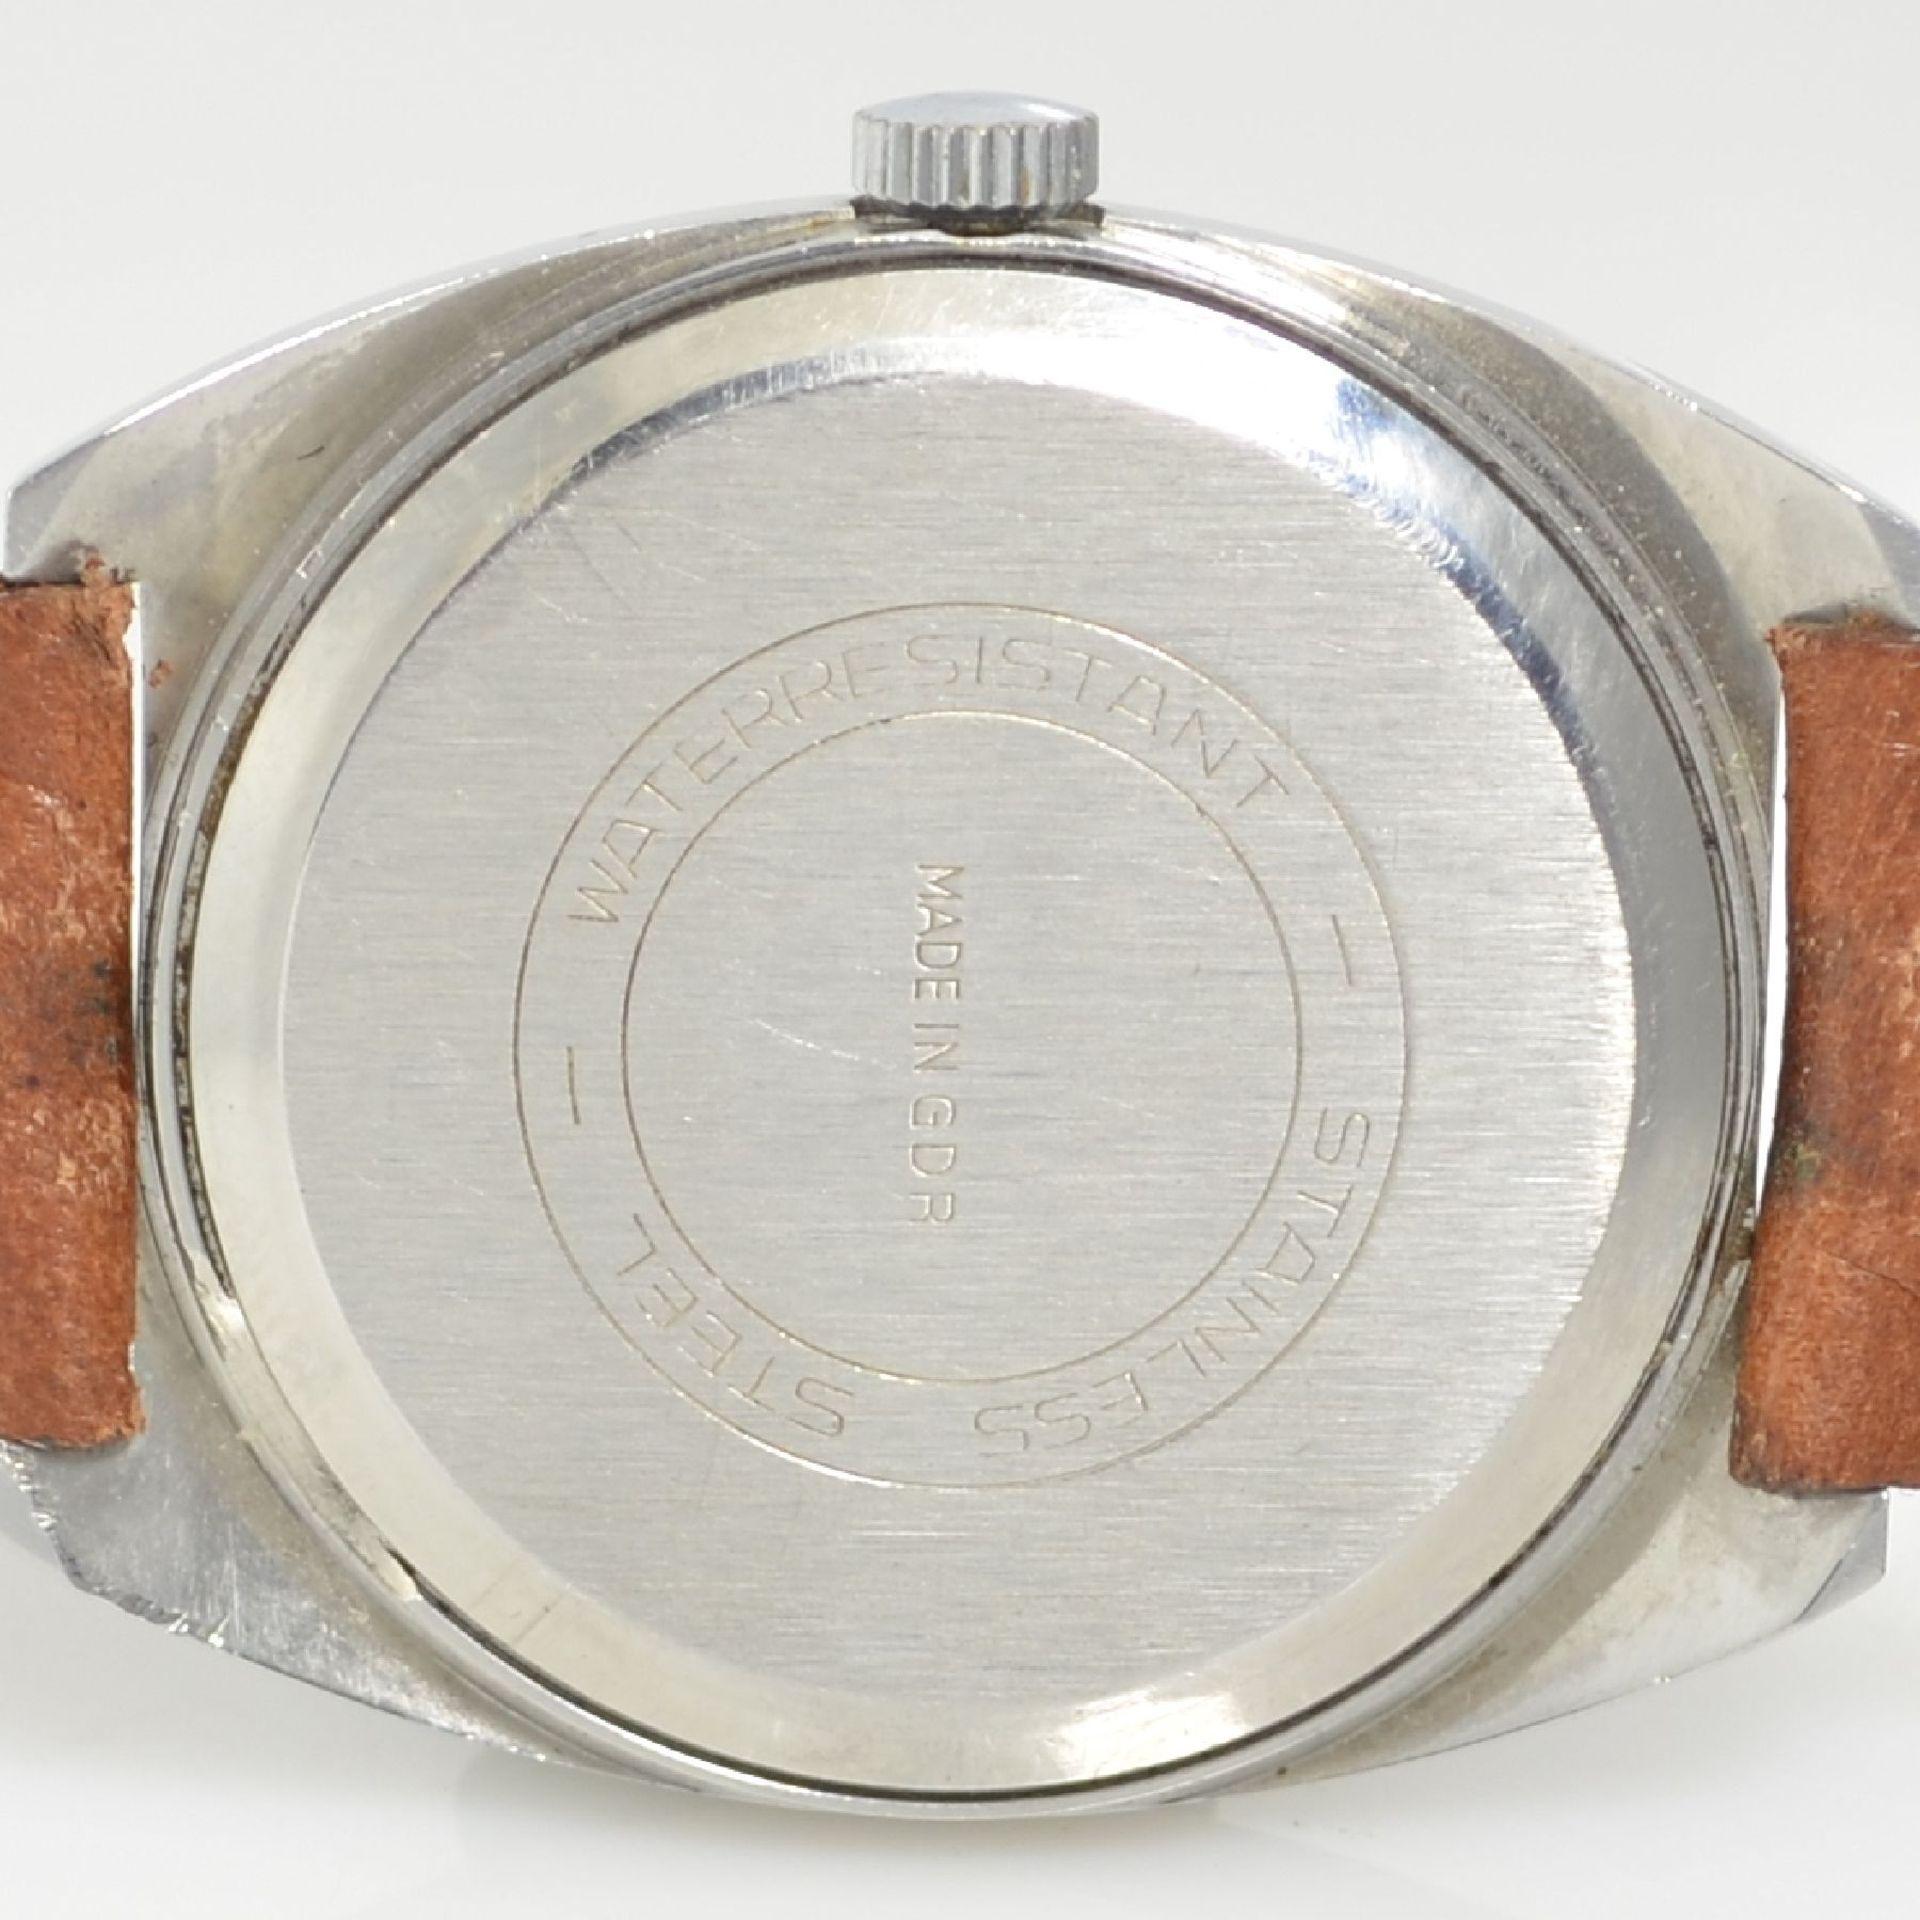 GLASHÜTTE Armbanduhr Spezimatic in Edelstahl, Automatik, DDR um 1970, Boden aufgedr., ausgef. - Bild 5 aus 5